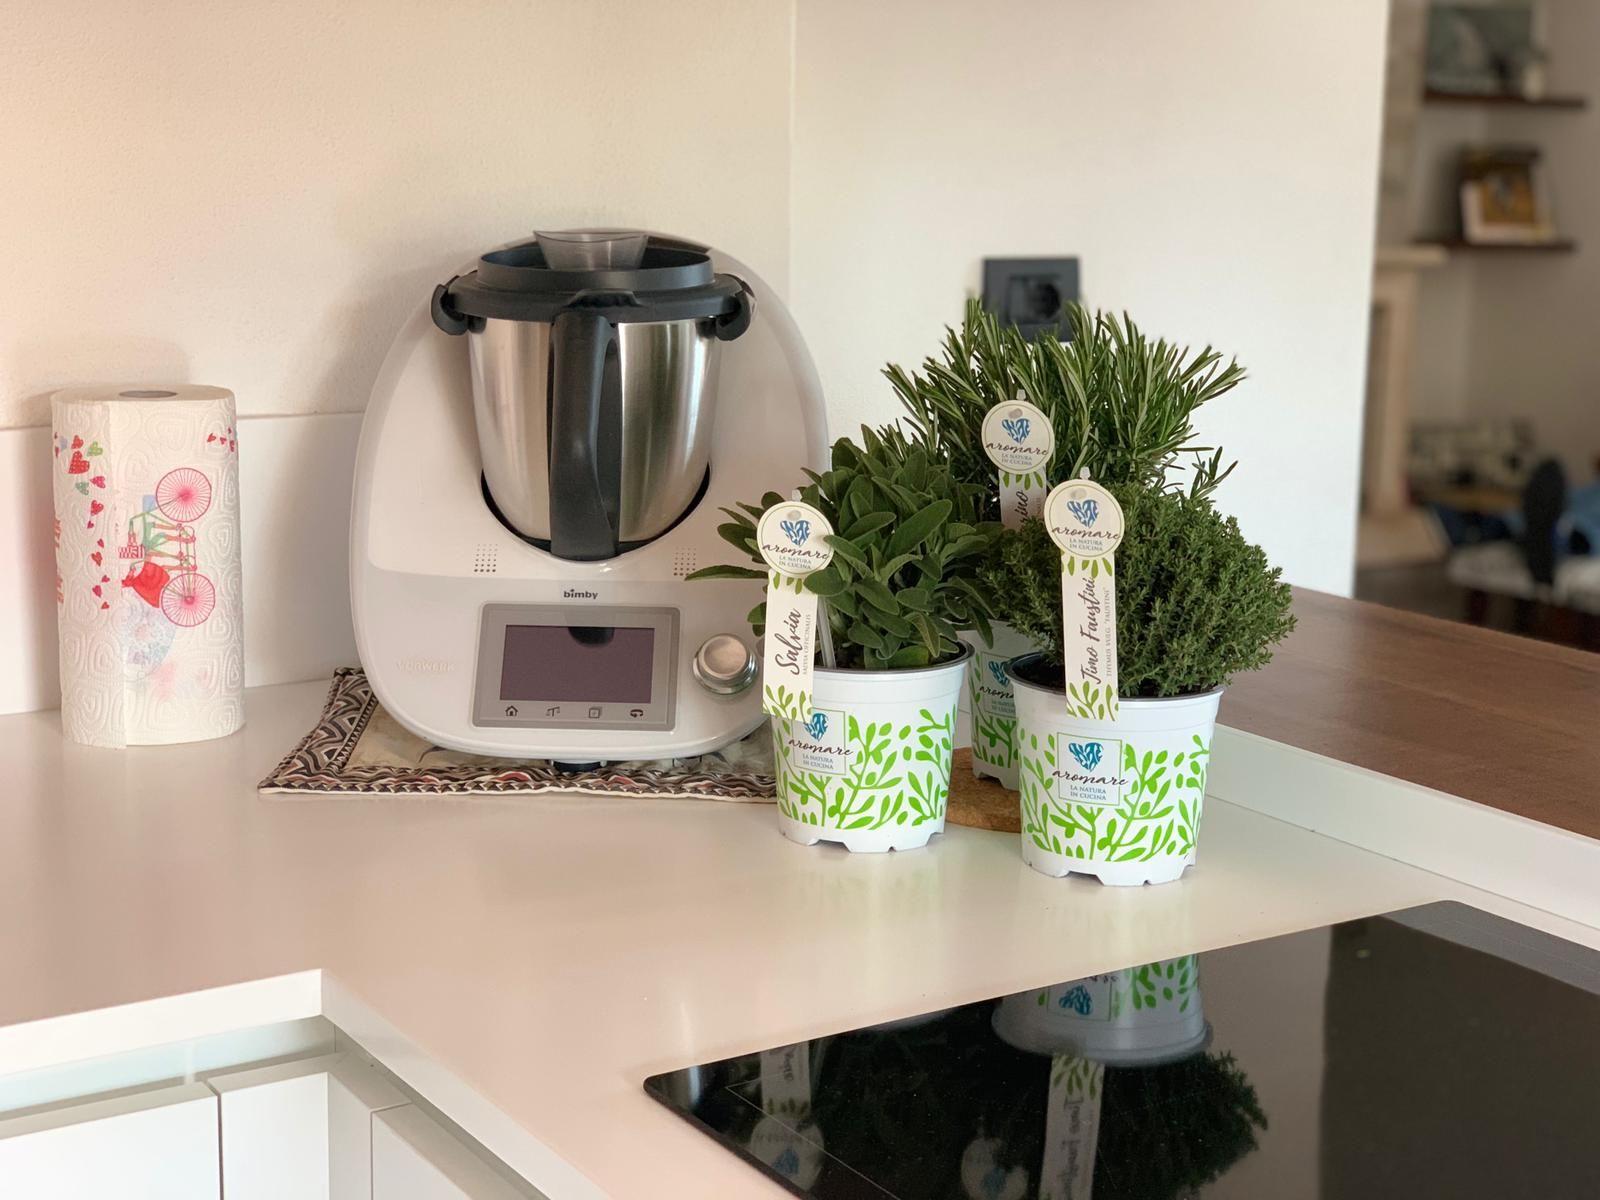 Coltivare In Casa Piante Aromatiche un giardino domestico di vasetti: le piante aromatiche (con